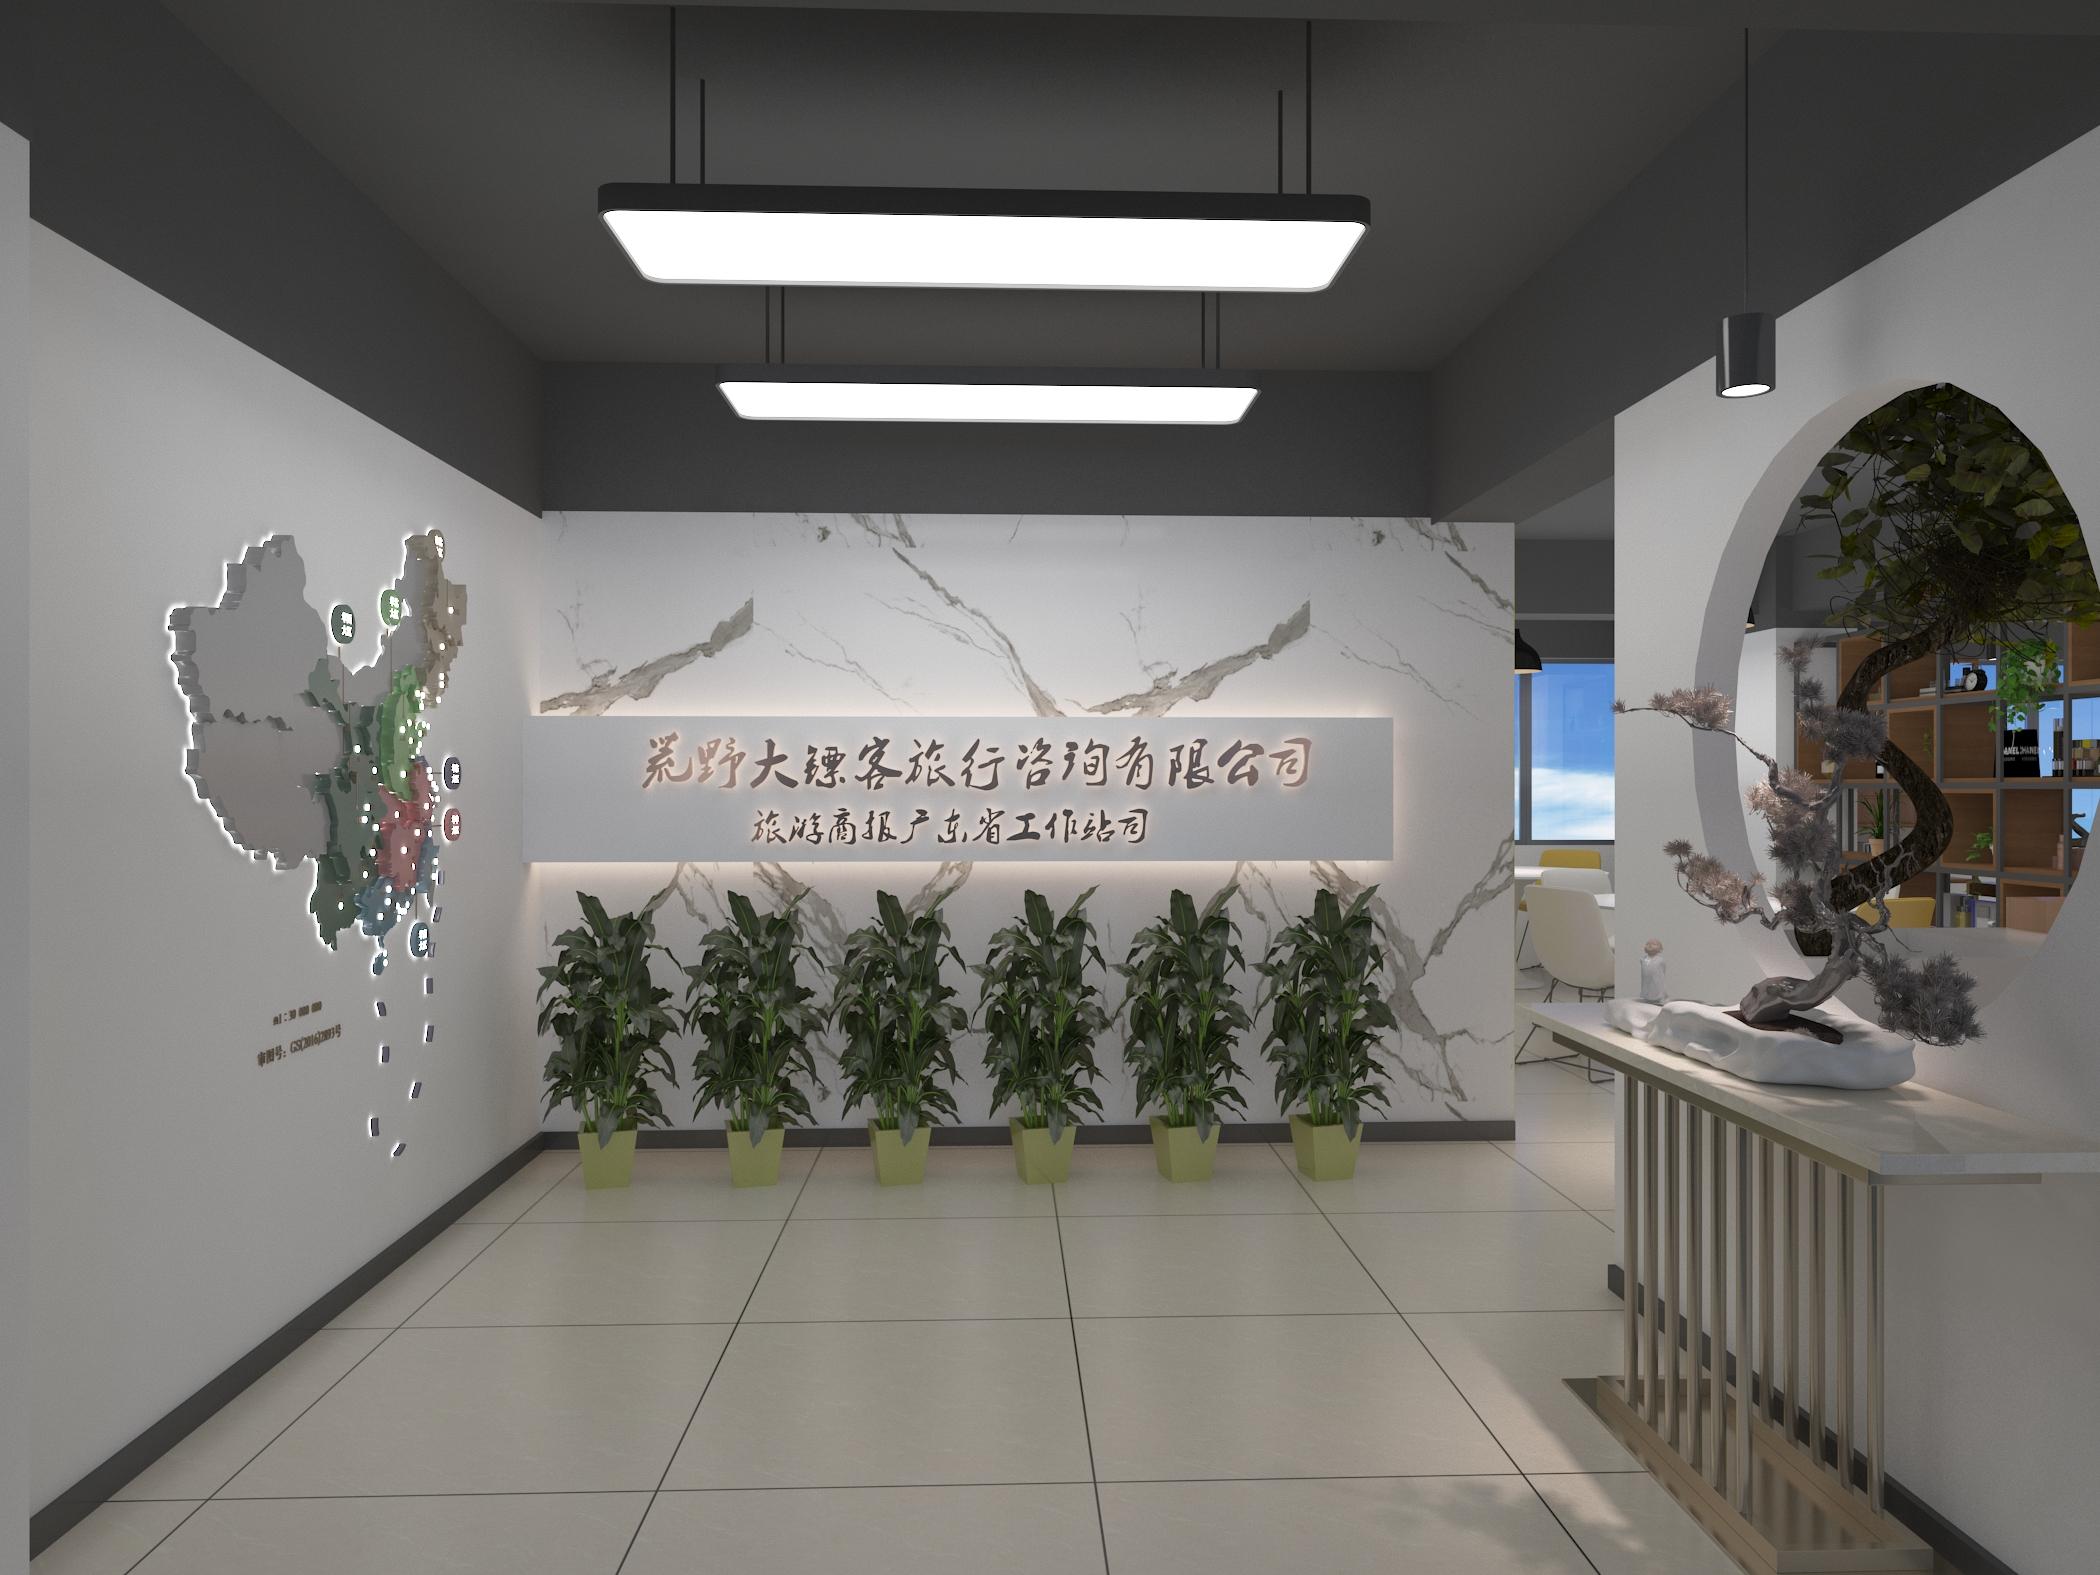 廣州裝修設計師工業風旅行社辦公